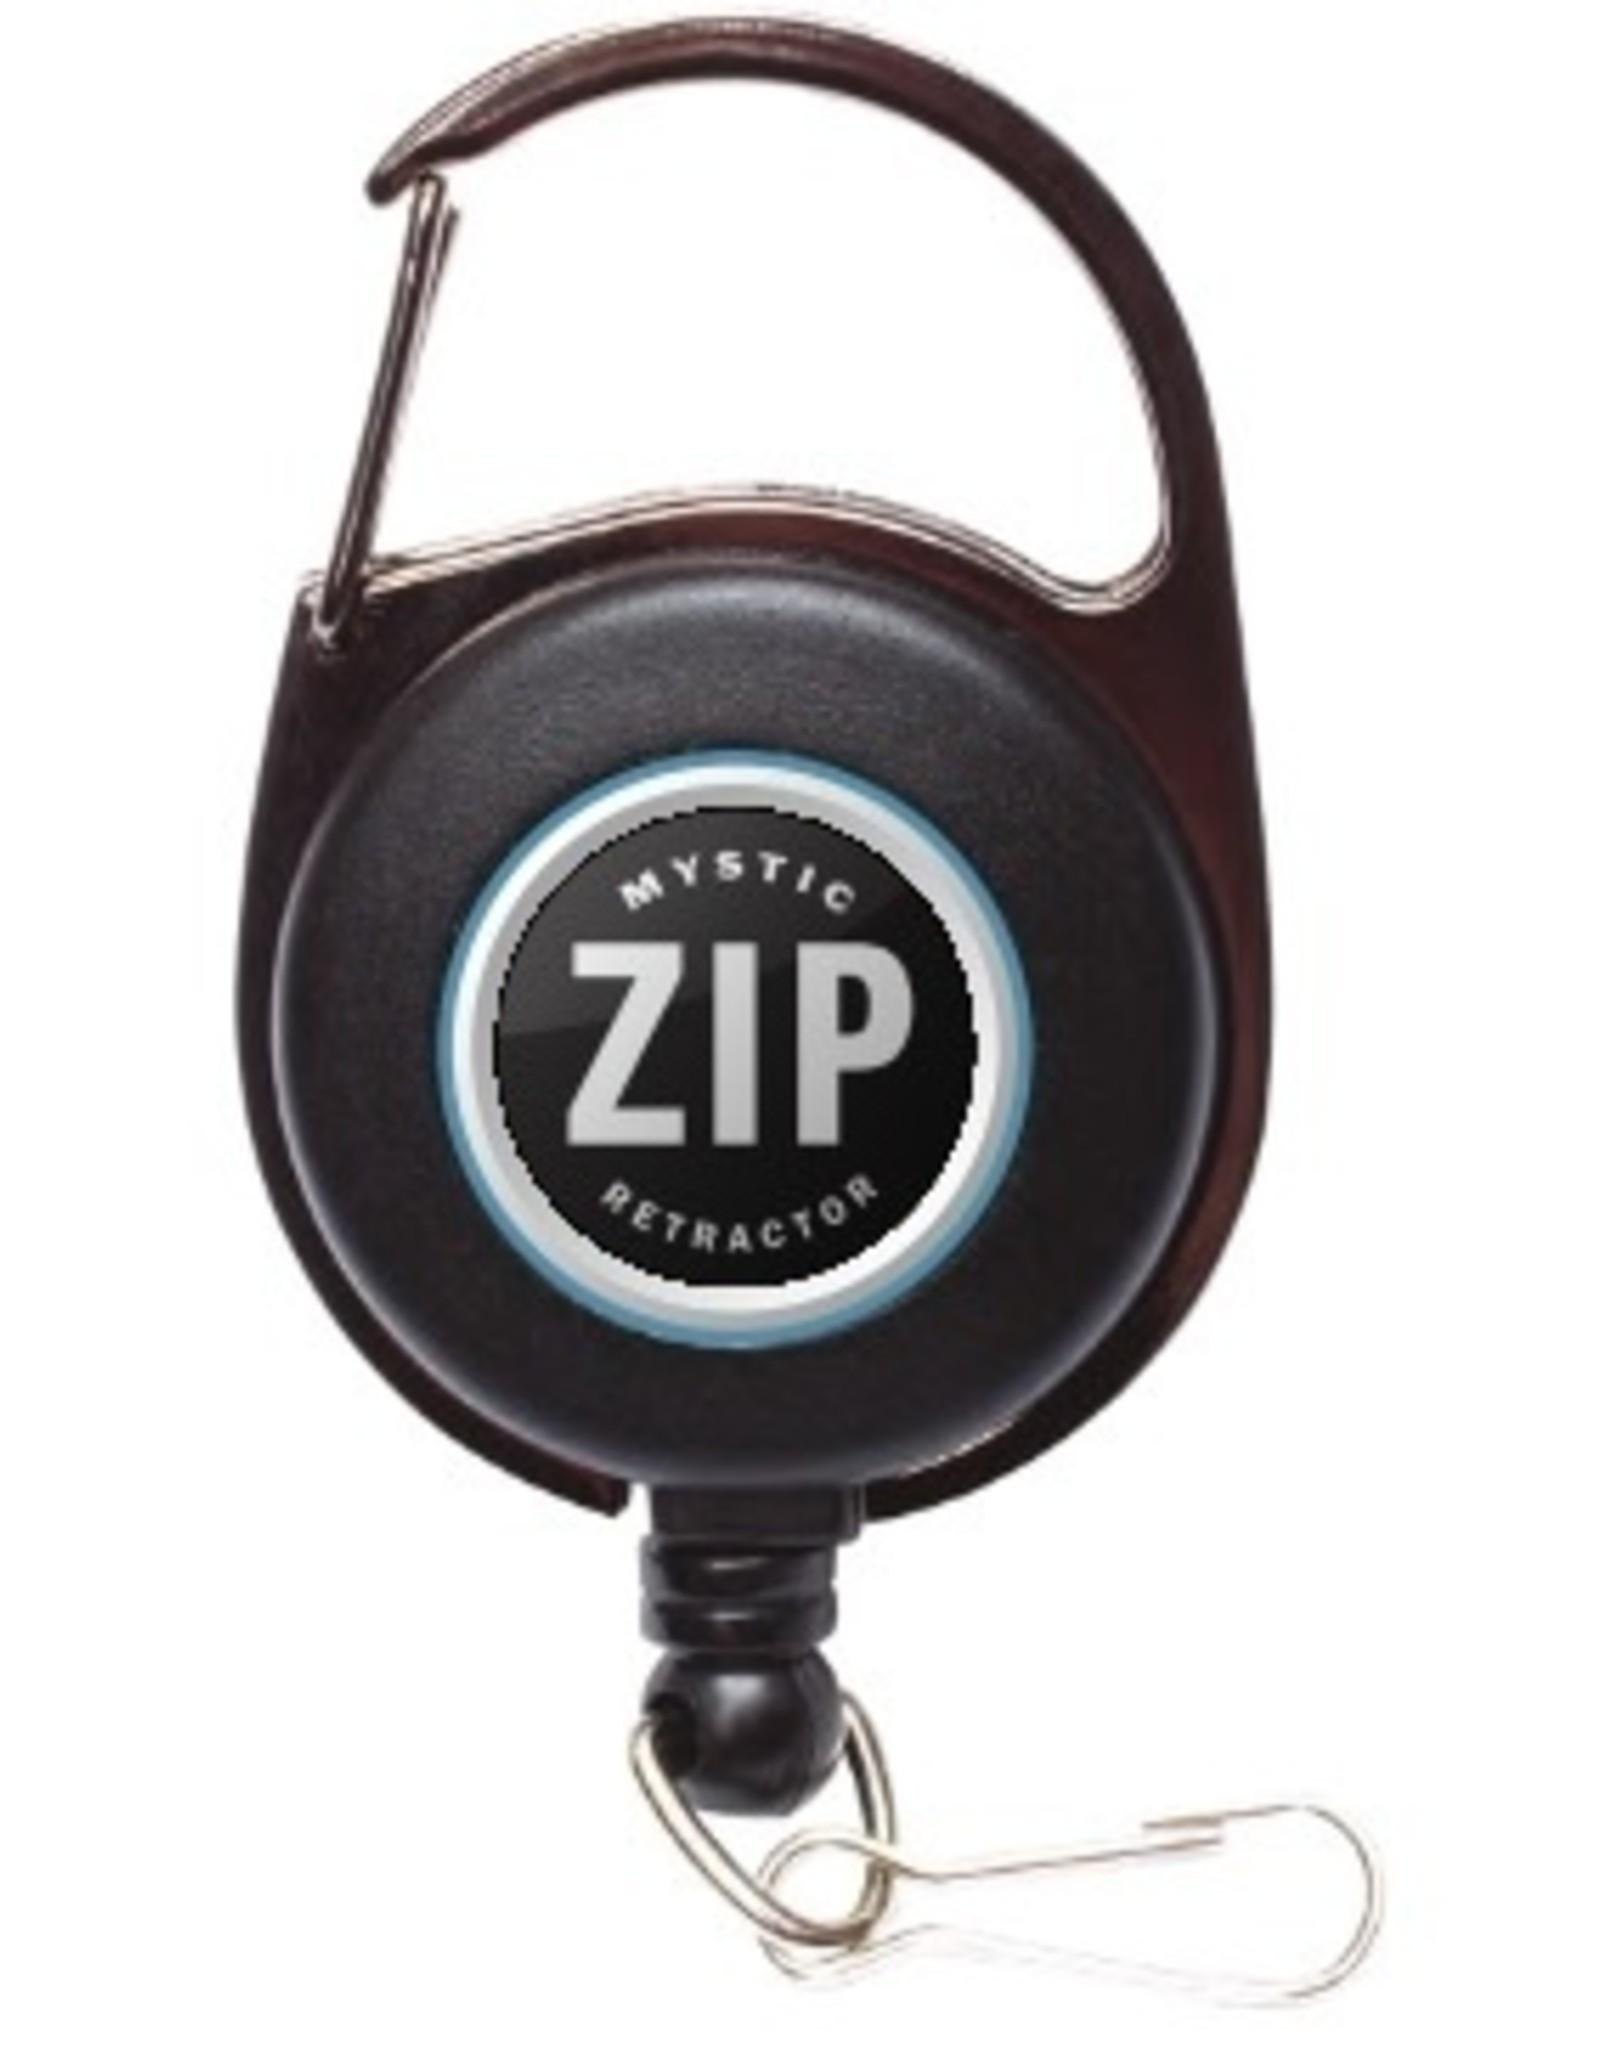 Mystic Mystic Zip Retractor